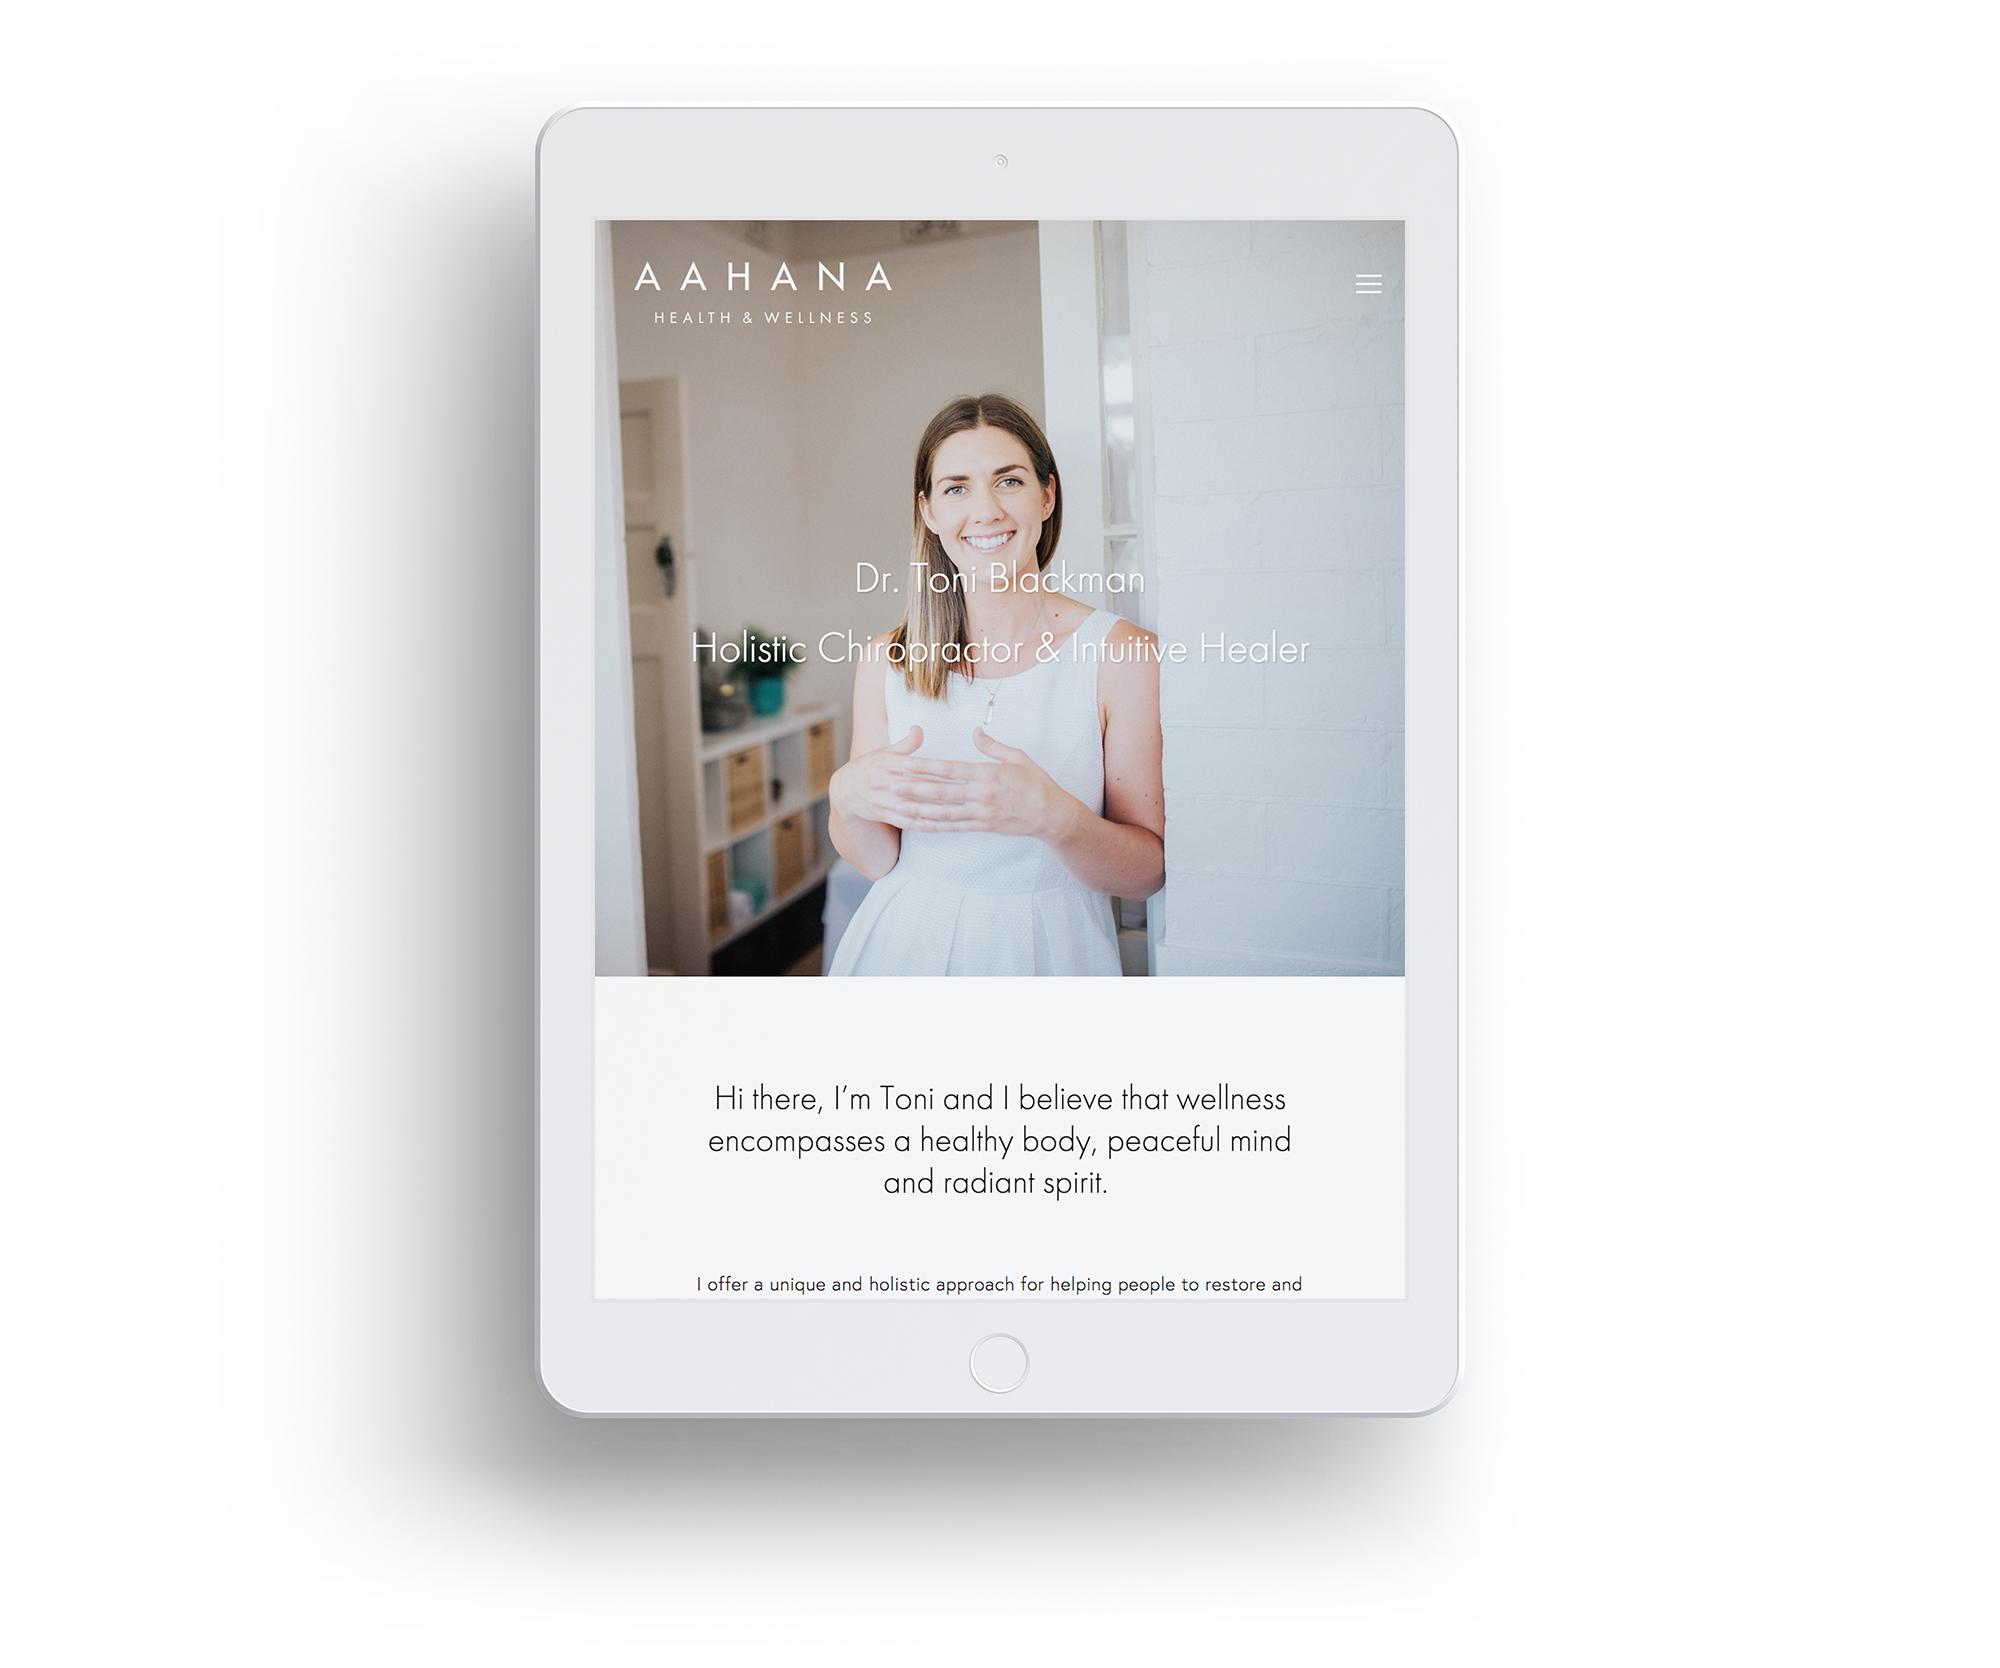 Aahana_Wellness_Home-menu_iPad1.jpg